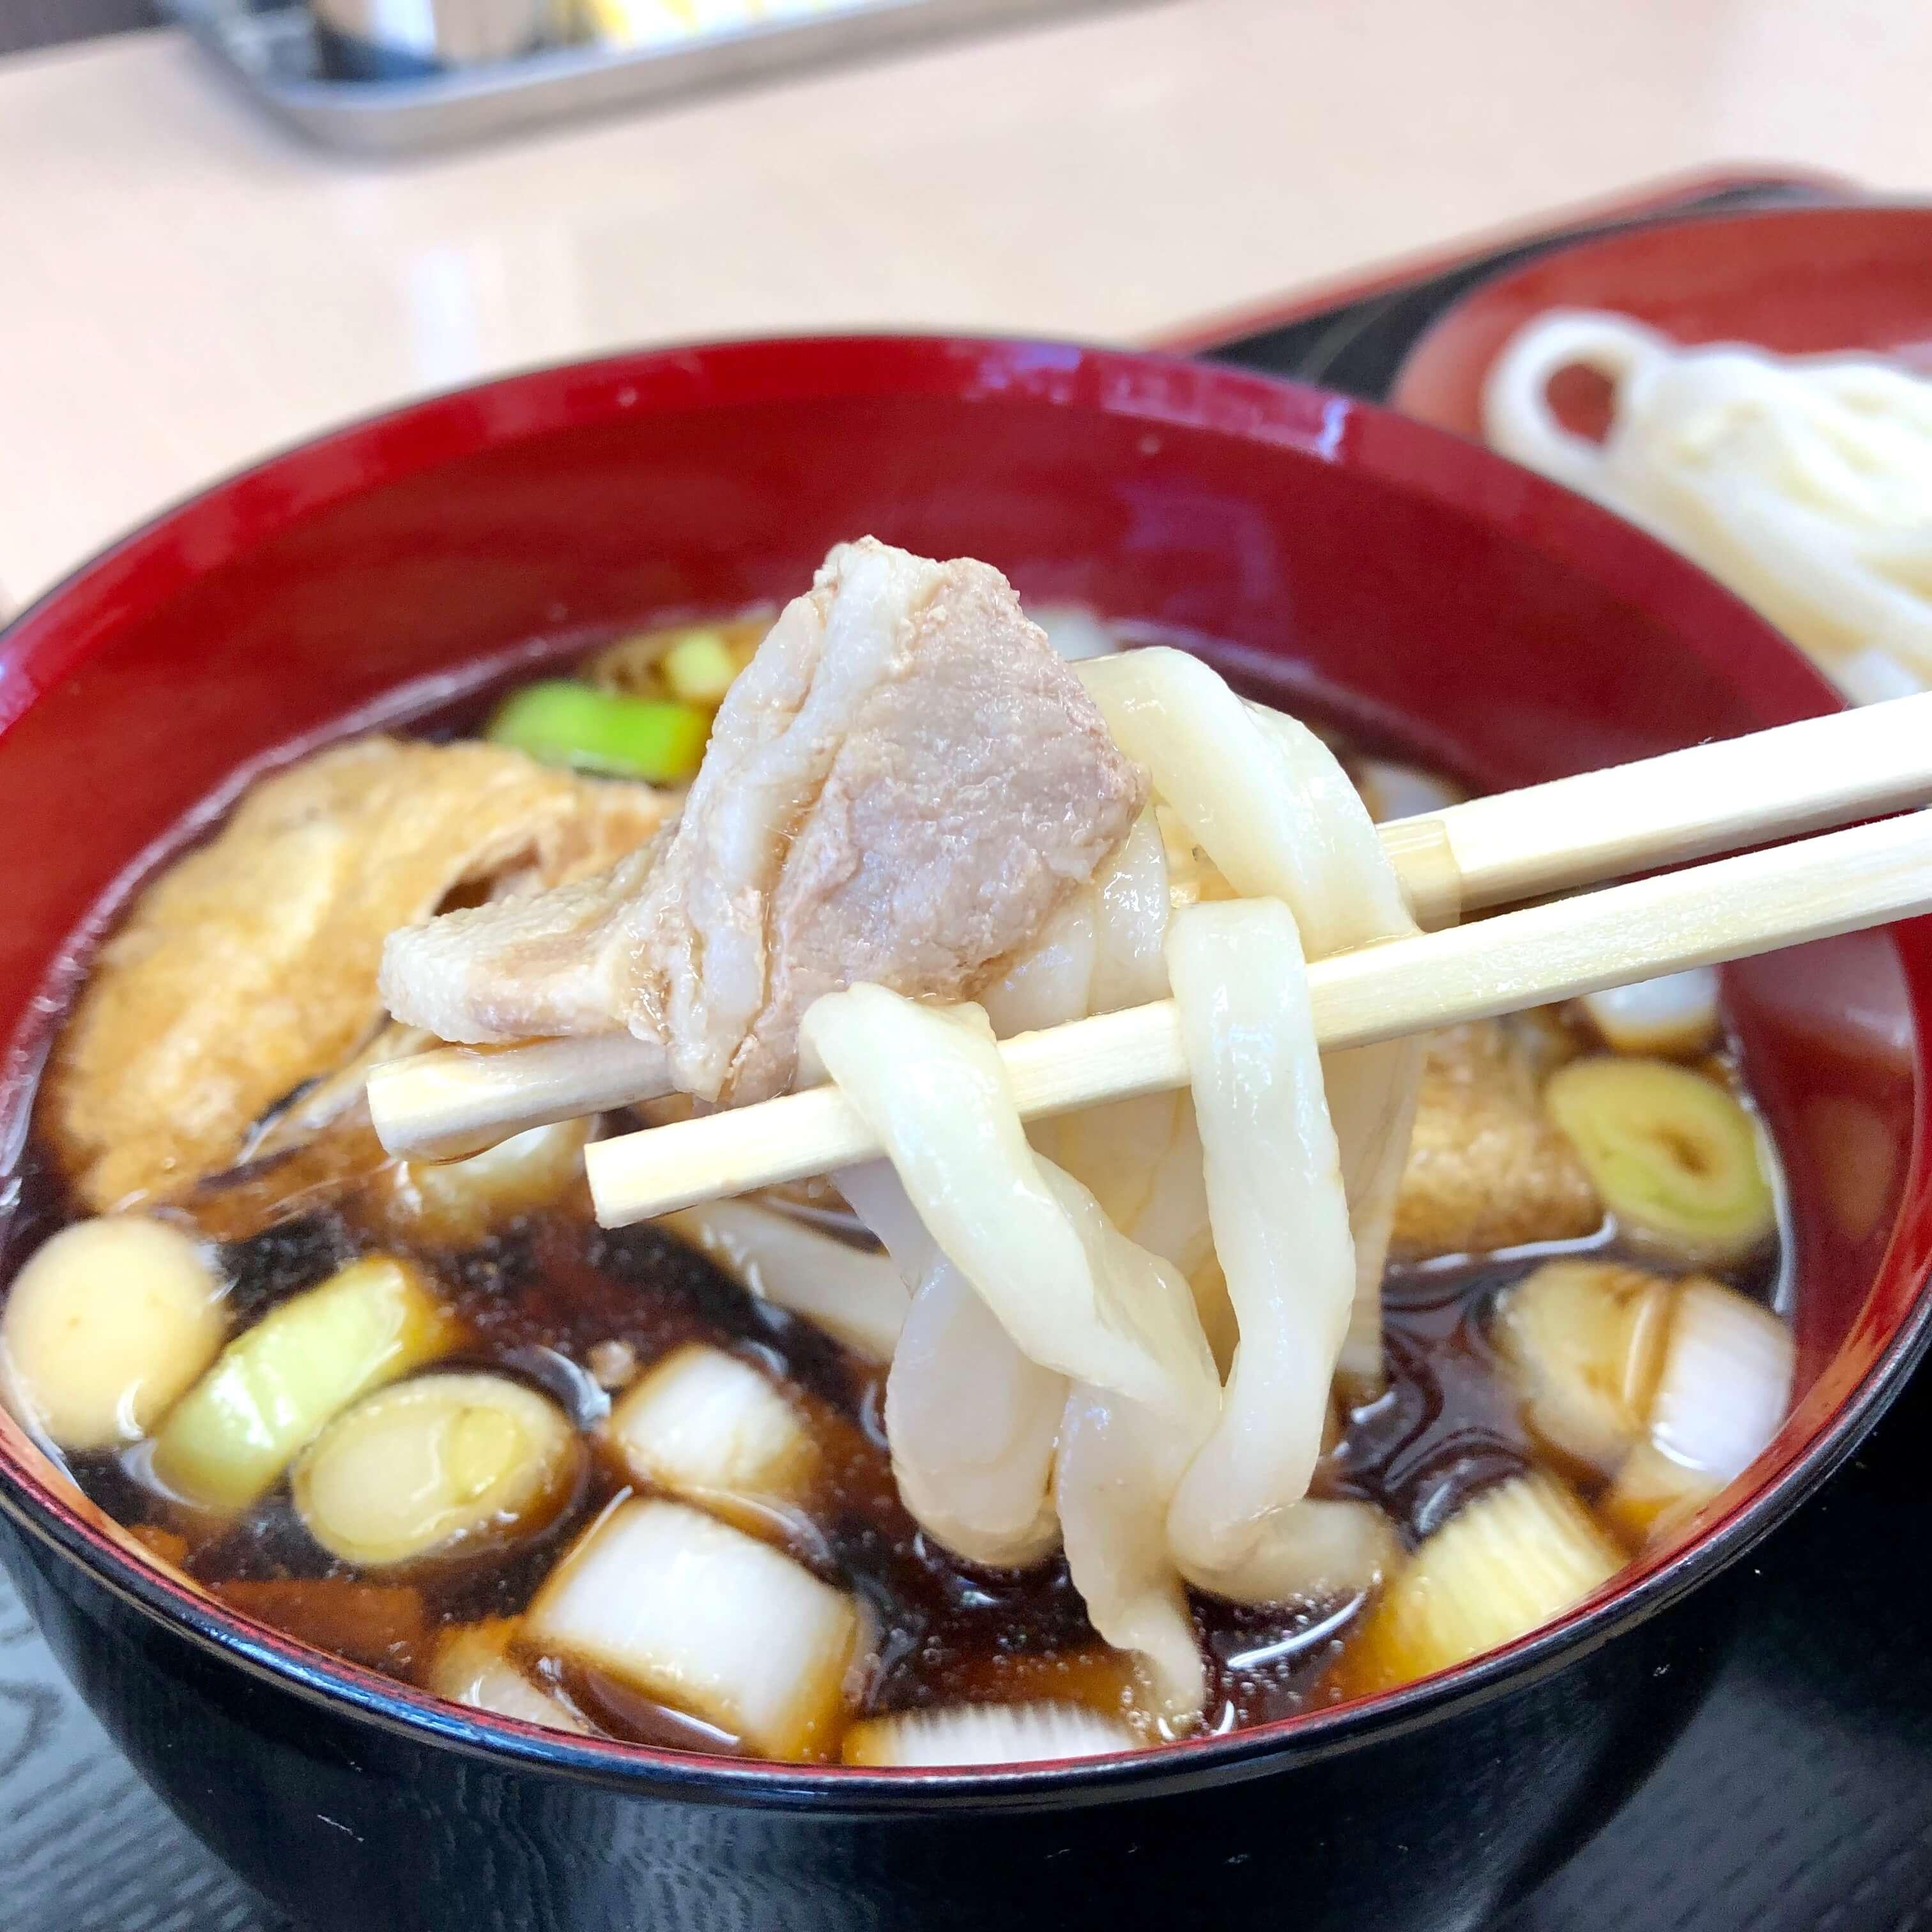 武州めん|あぐれっしゅ川越のうどん店は手もみされた熟成生麺が絶品!